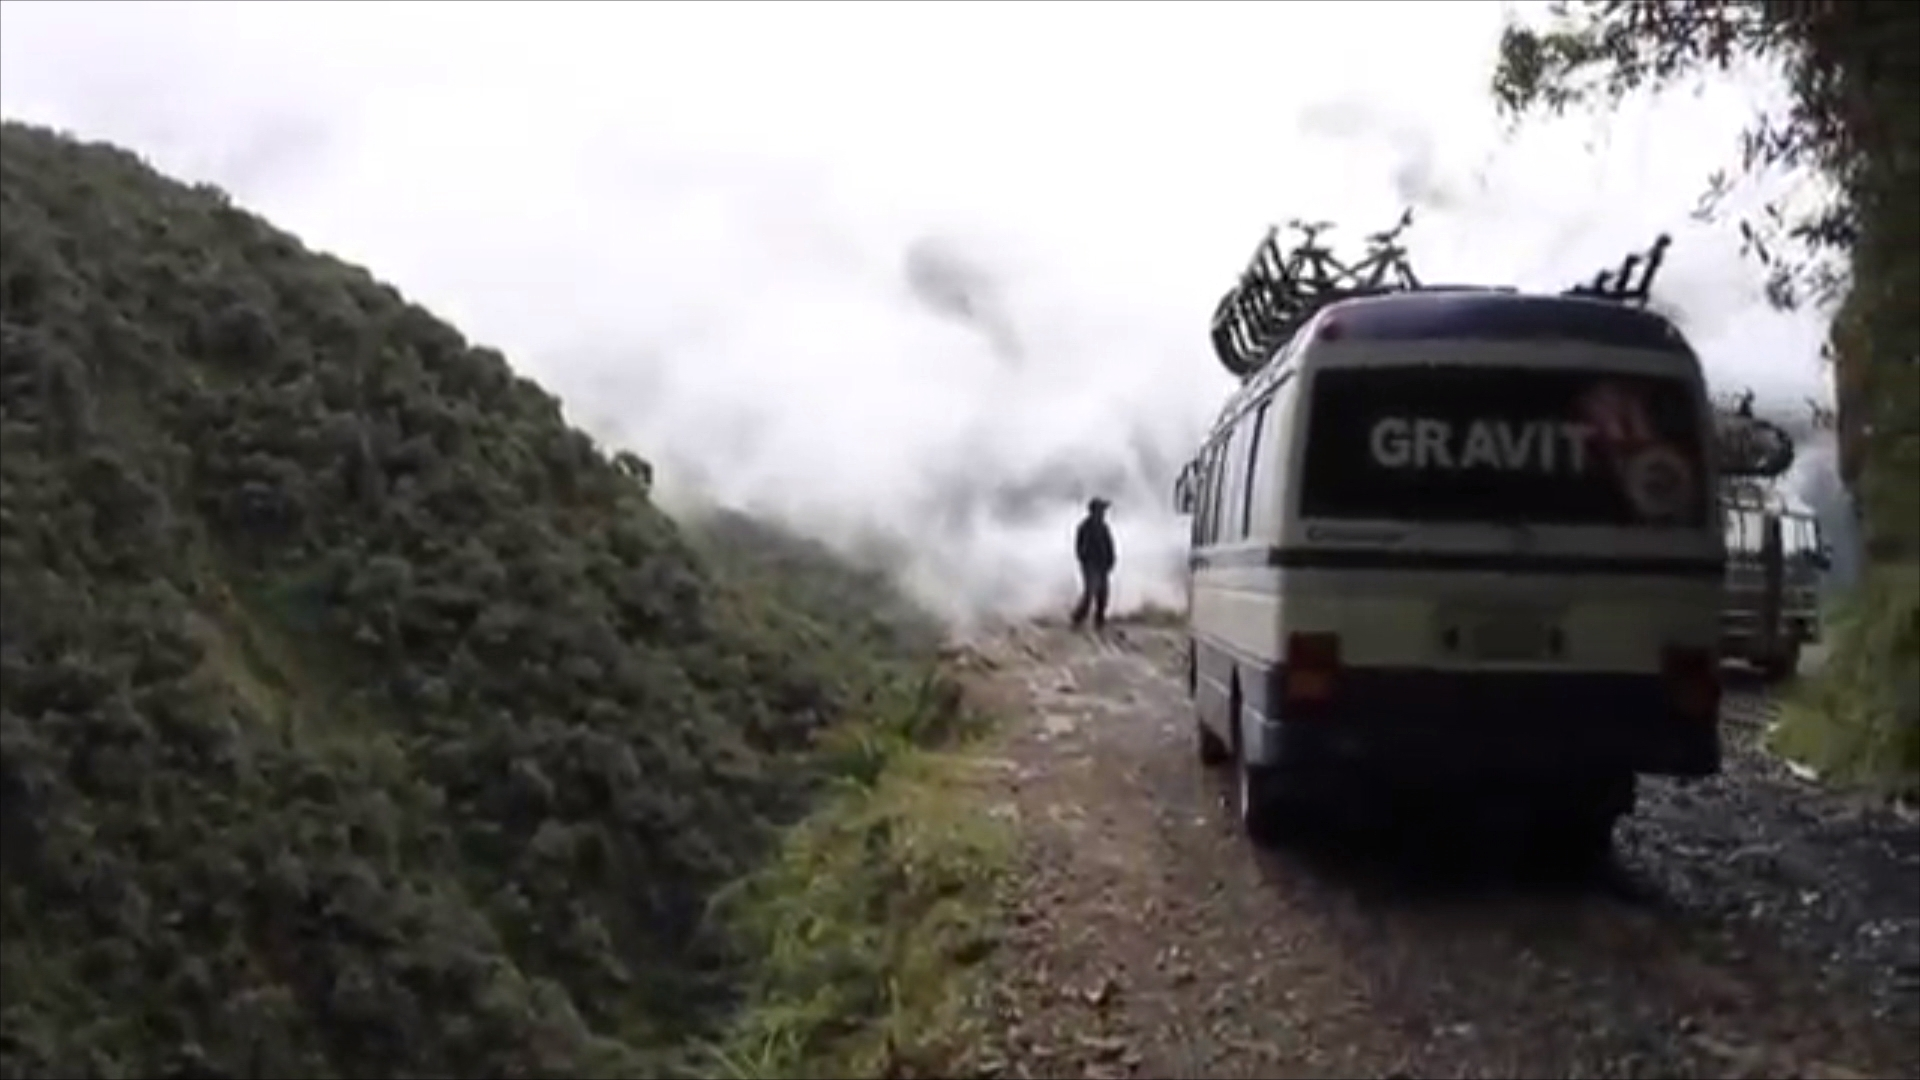 Videotagebuch Boliviens Todesstraße - Fahrt in den Abgrund: Busse fahren auch die enge Todesstraße entlang